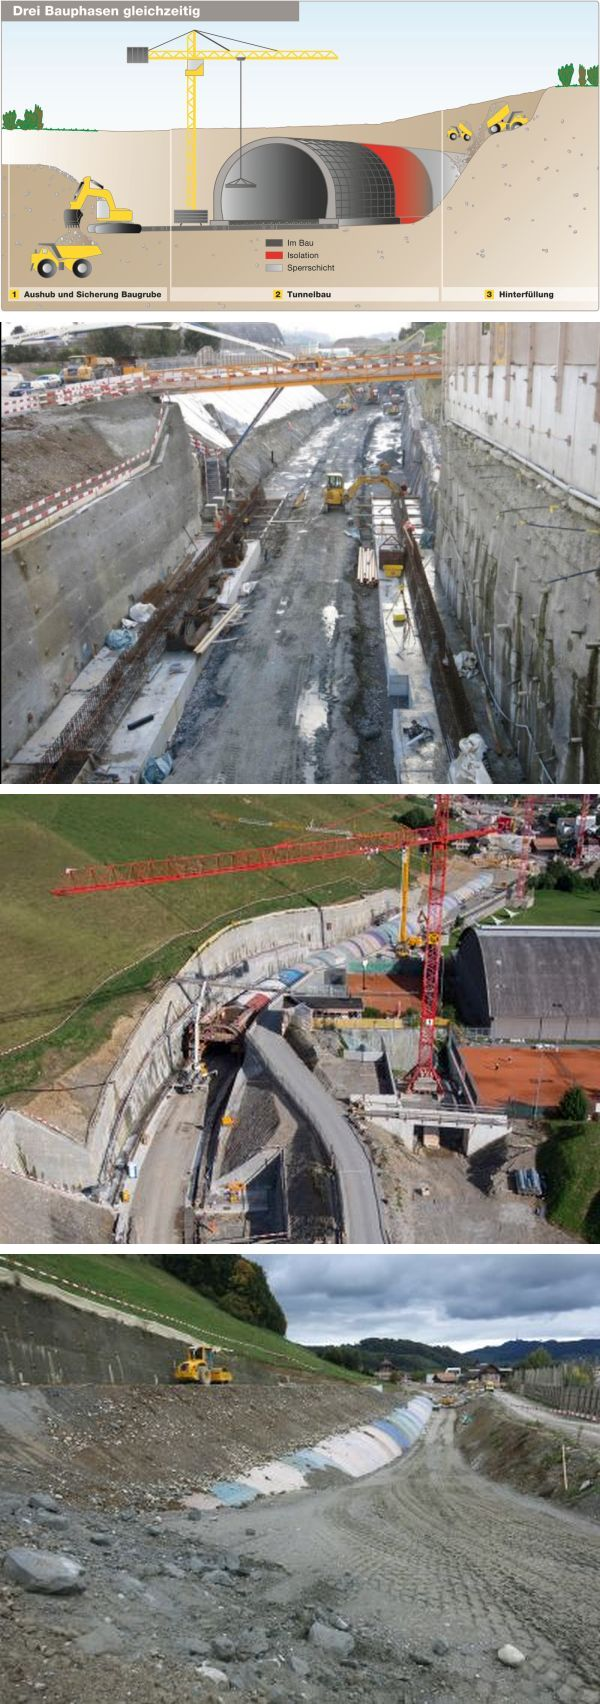 Die Fotos zeigen den Bau des Neufeldtunnels in Bern, welcher einen vergleichbaren Ablauf hatte